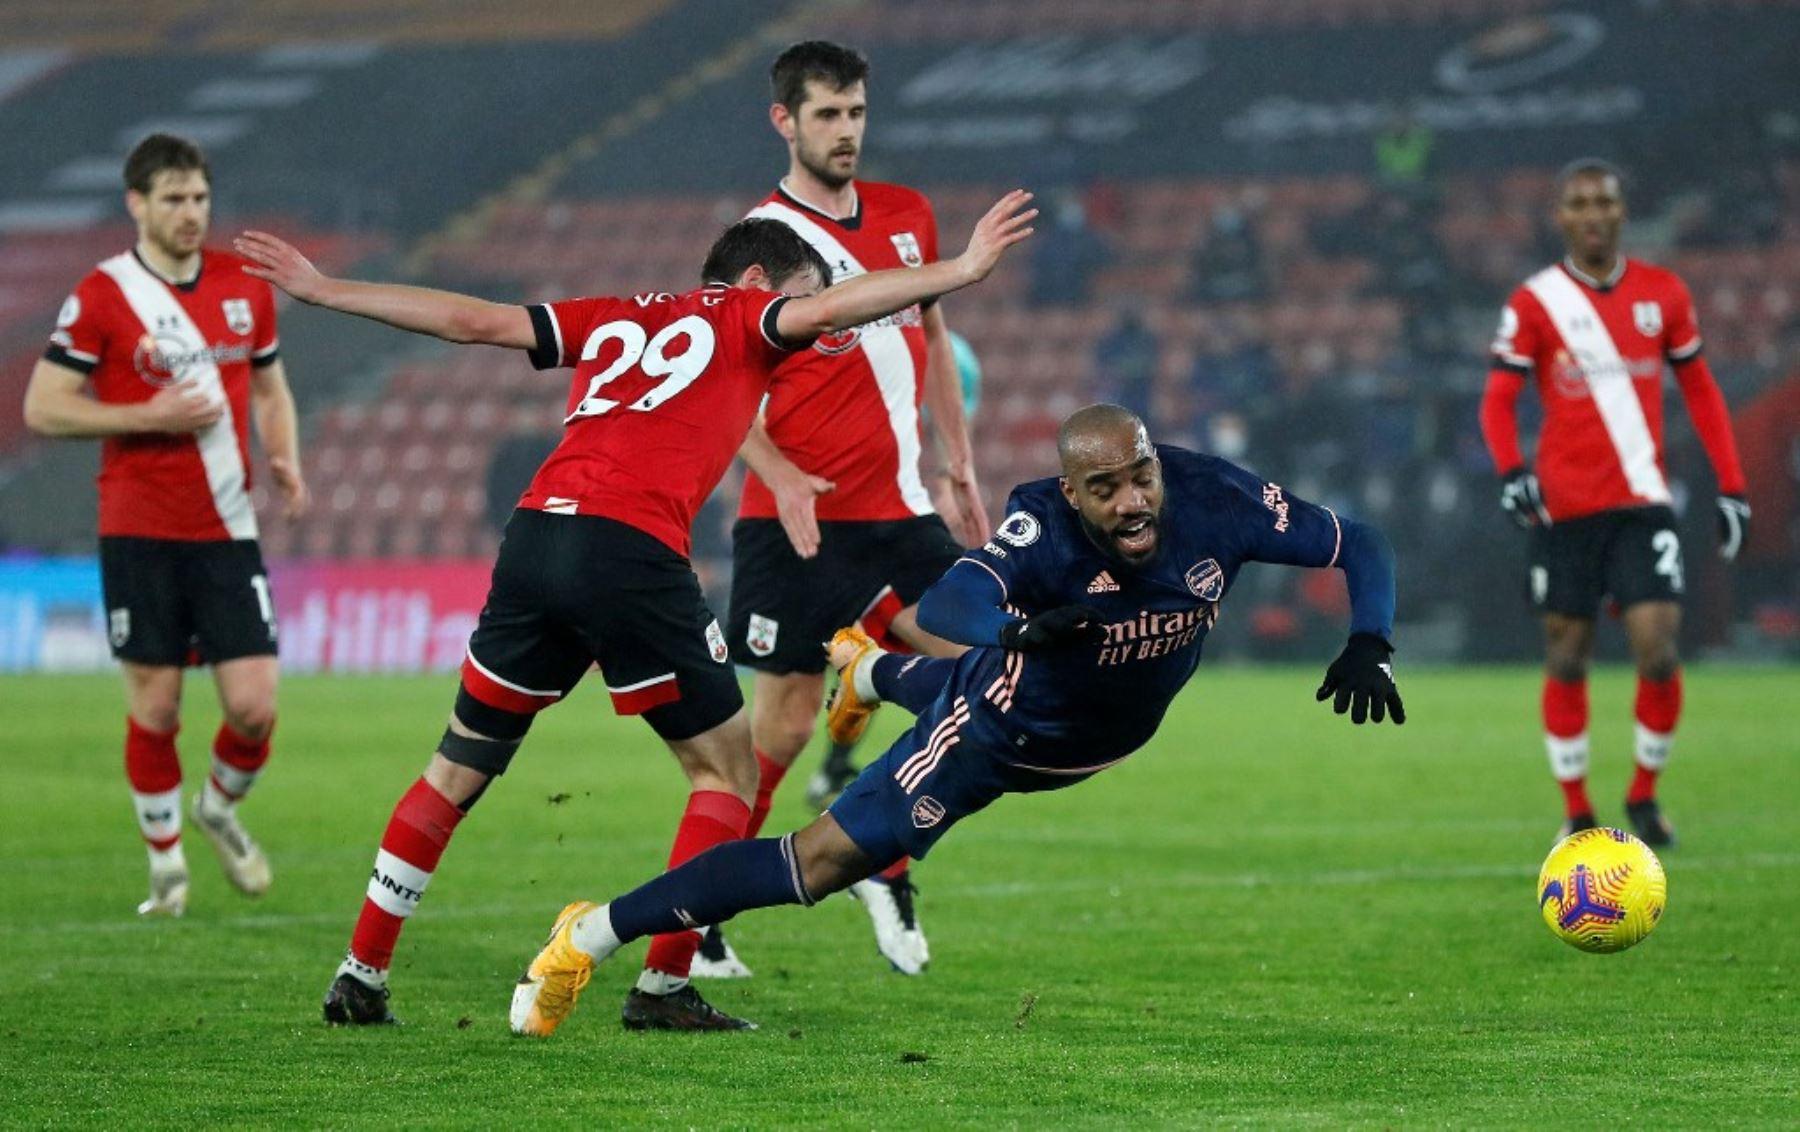 El defensa inglés de Southampton, Jake Vokins, compite con el delantero francés del Arsenal, Alexandre Lacazette, durante el partido de fútbol de la Premier League inglesa entre Southampton y Arsenal en el St Mary